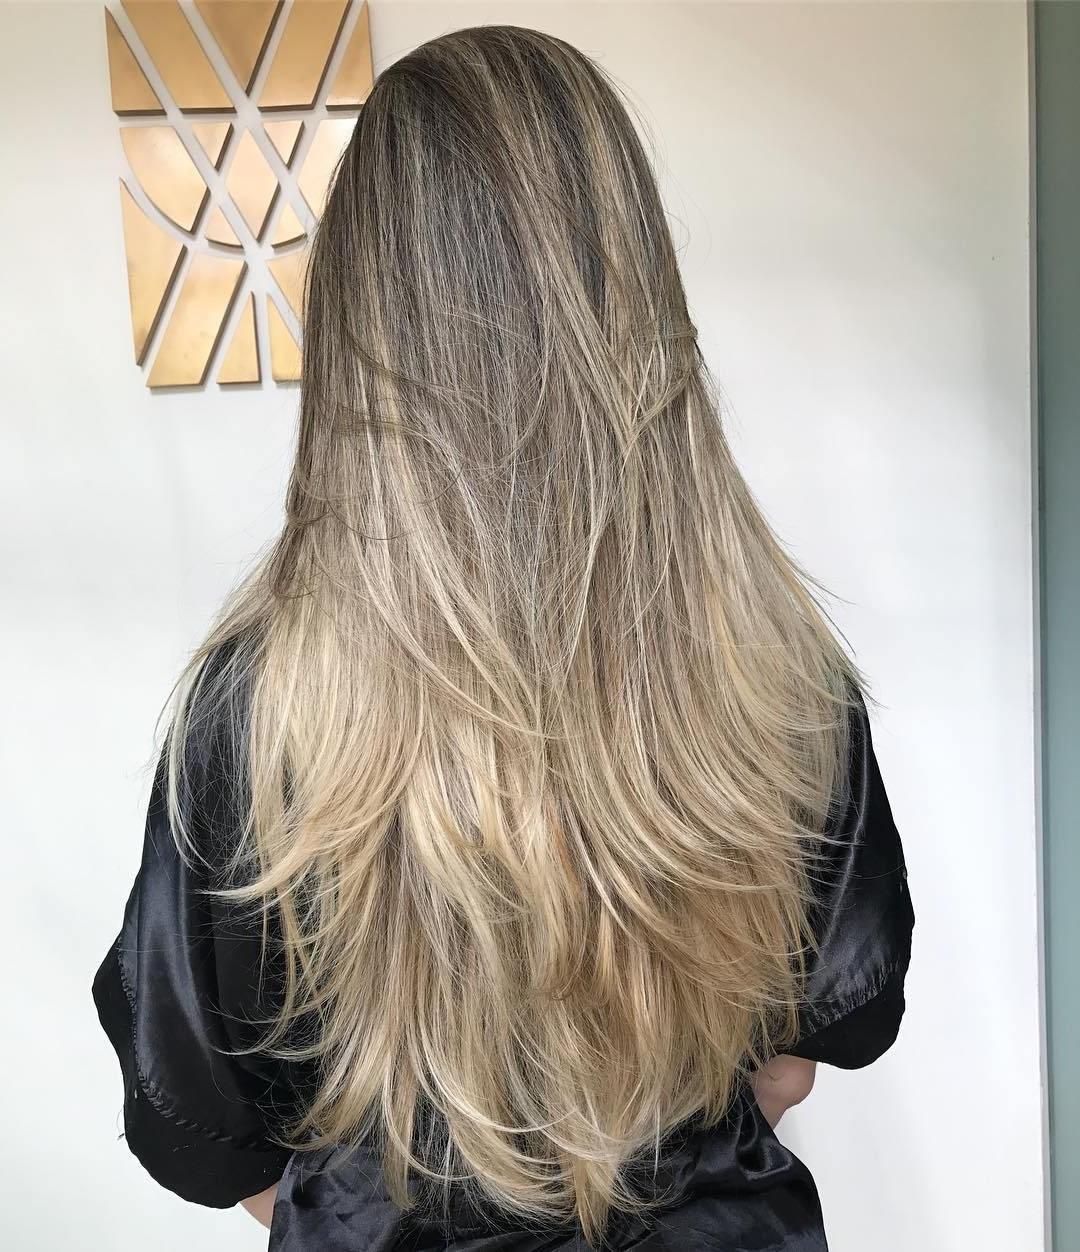 Coiffure dégradée pour les cheveux longs.